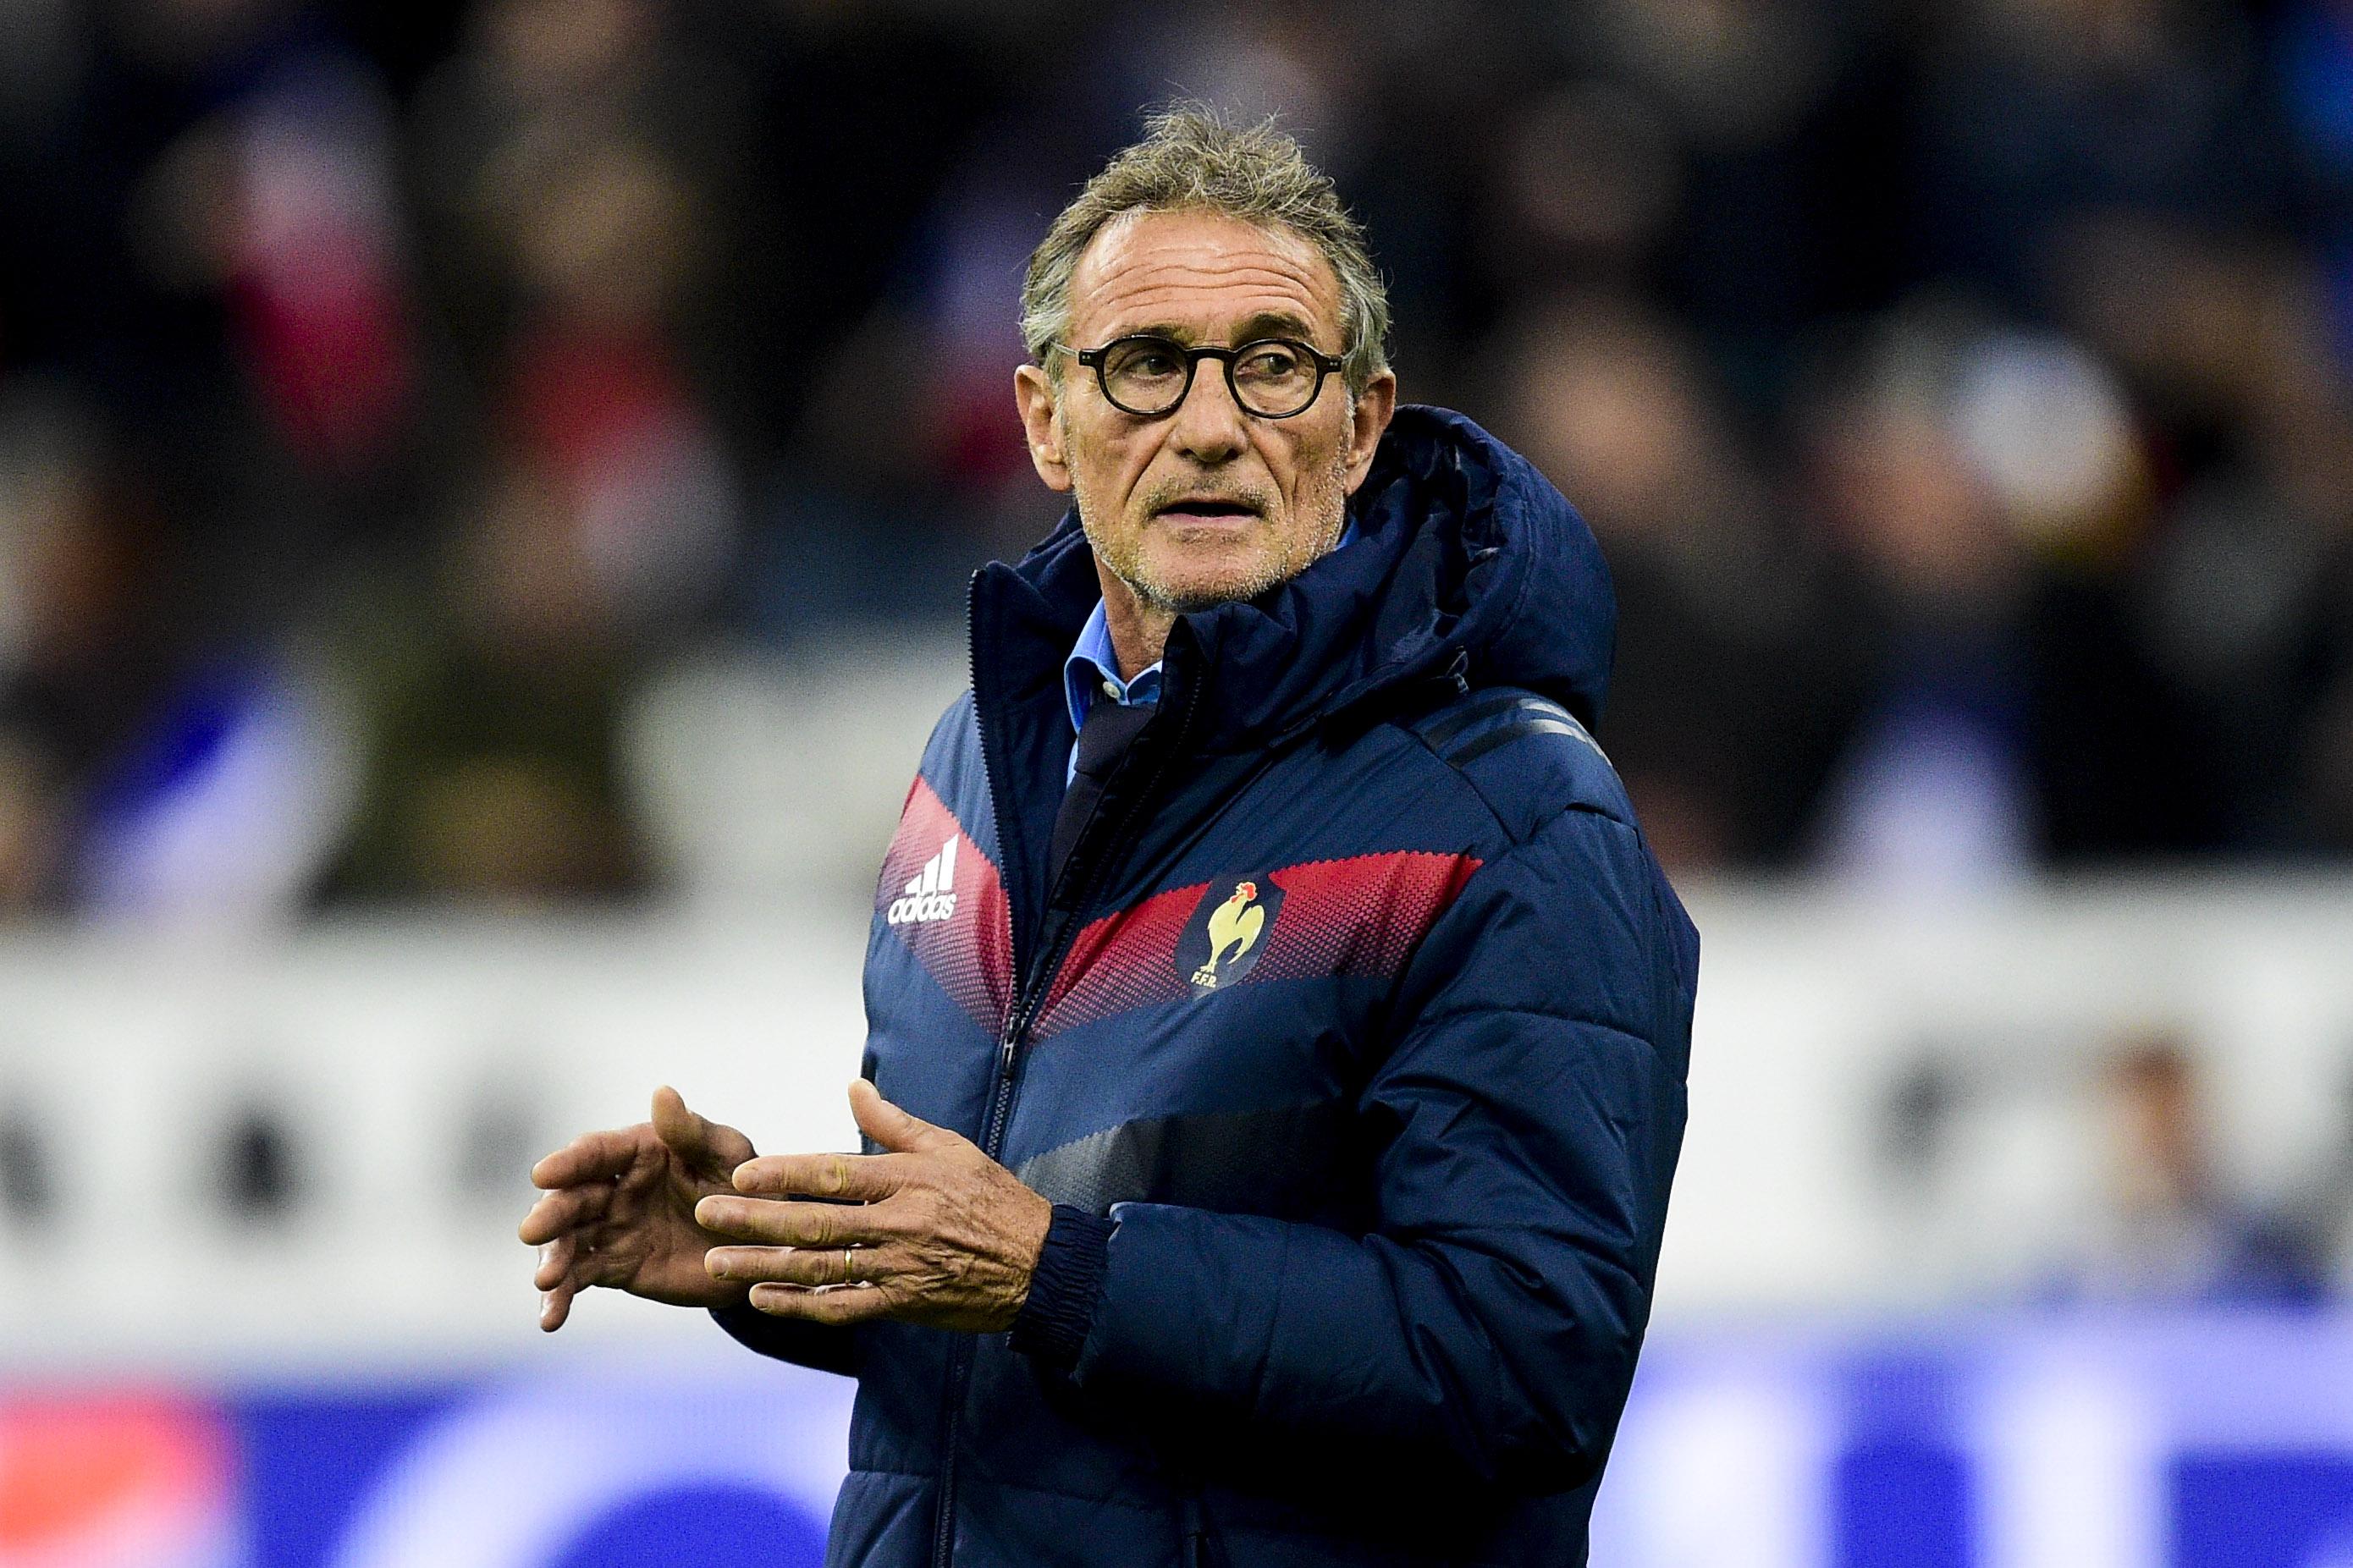 Infos sports : Rugby - </b>XV de France - Guy Nov&#232;s re&#231;oit un coup de fil d&rsquo;insultes d&rsquo;un ex-international fran&#231;ais